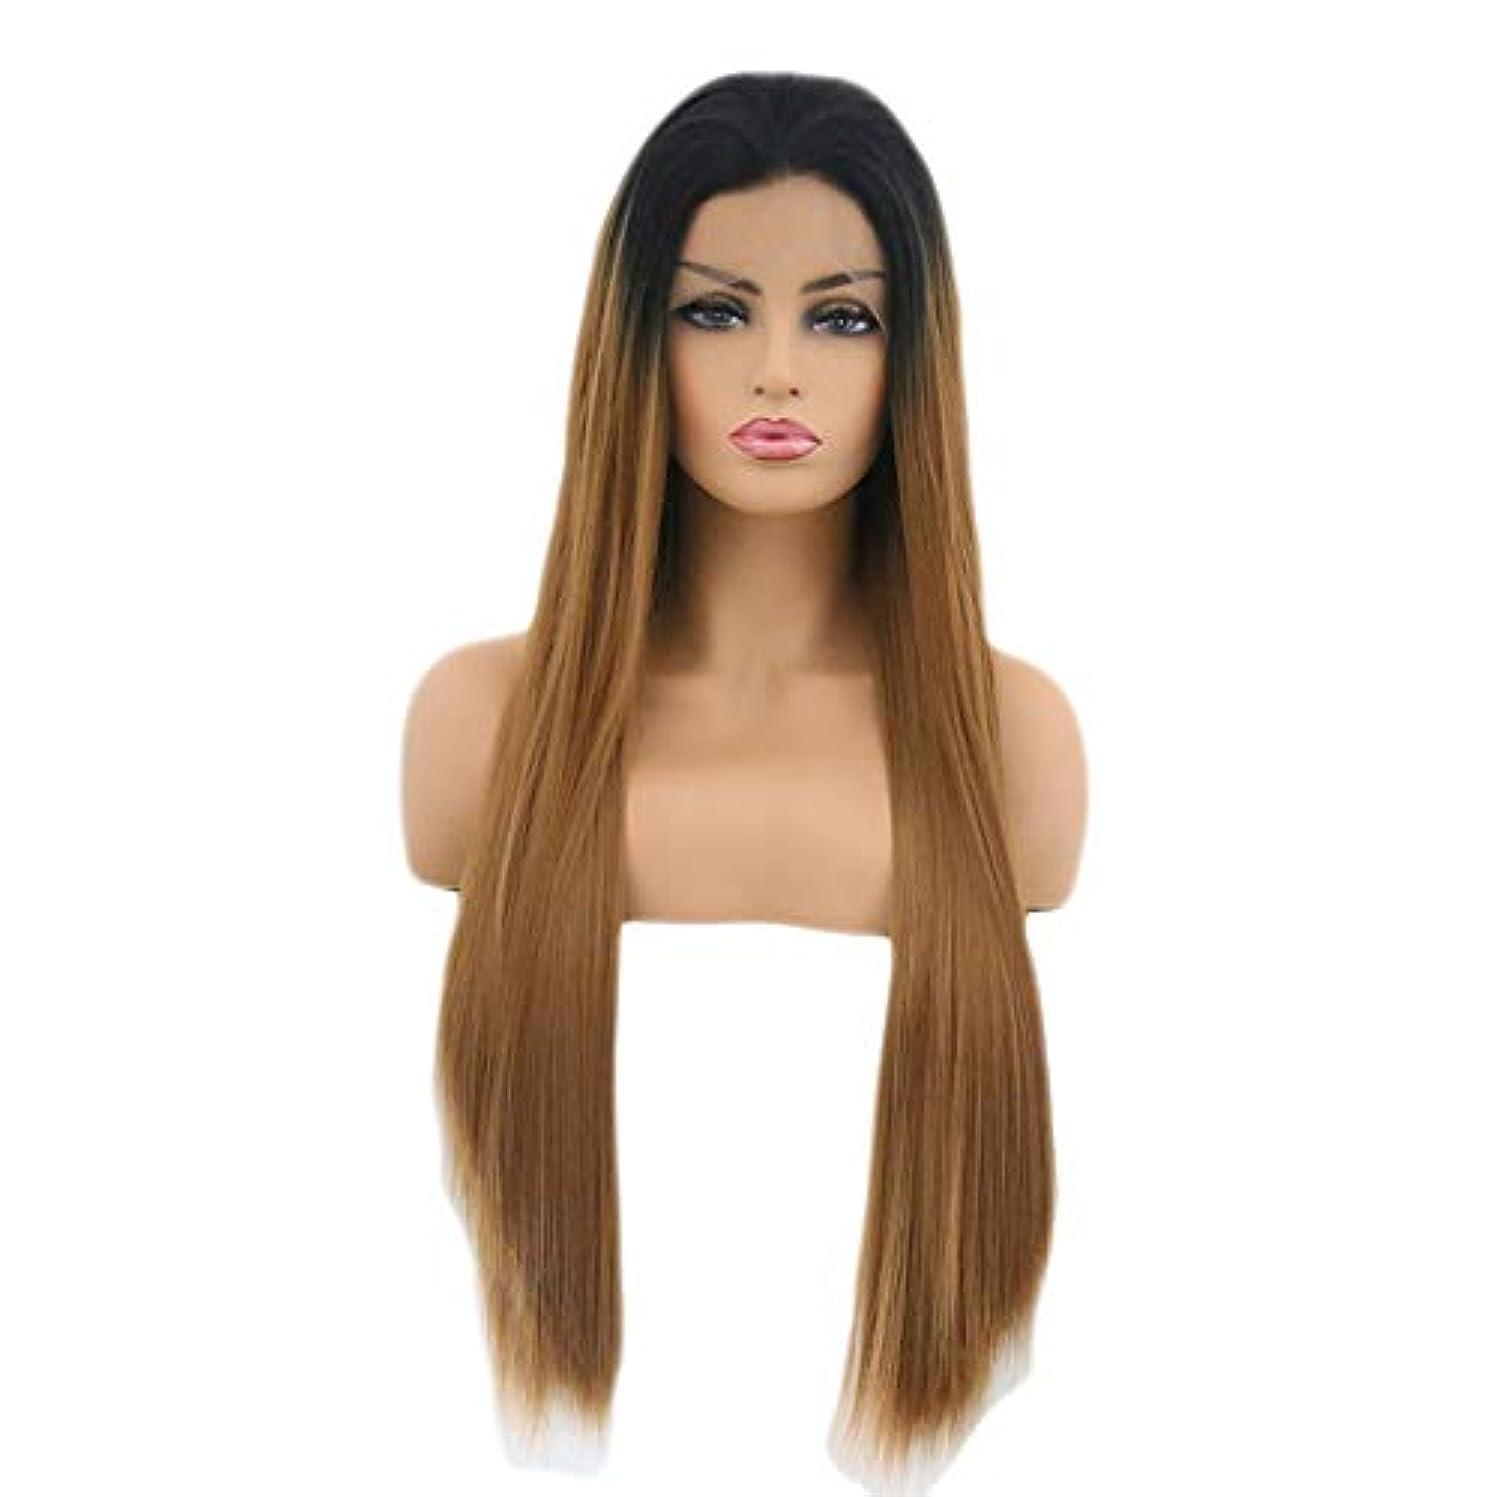 まとめる発揮するチャールズキージングファッショナブルな女性のかつら、長いストレートの髪のかつら、任意の頭の形のための高温ワイヤー調節可能なかつら16-26インチの自然なフロントレースのグラデーション